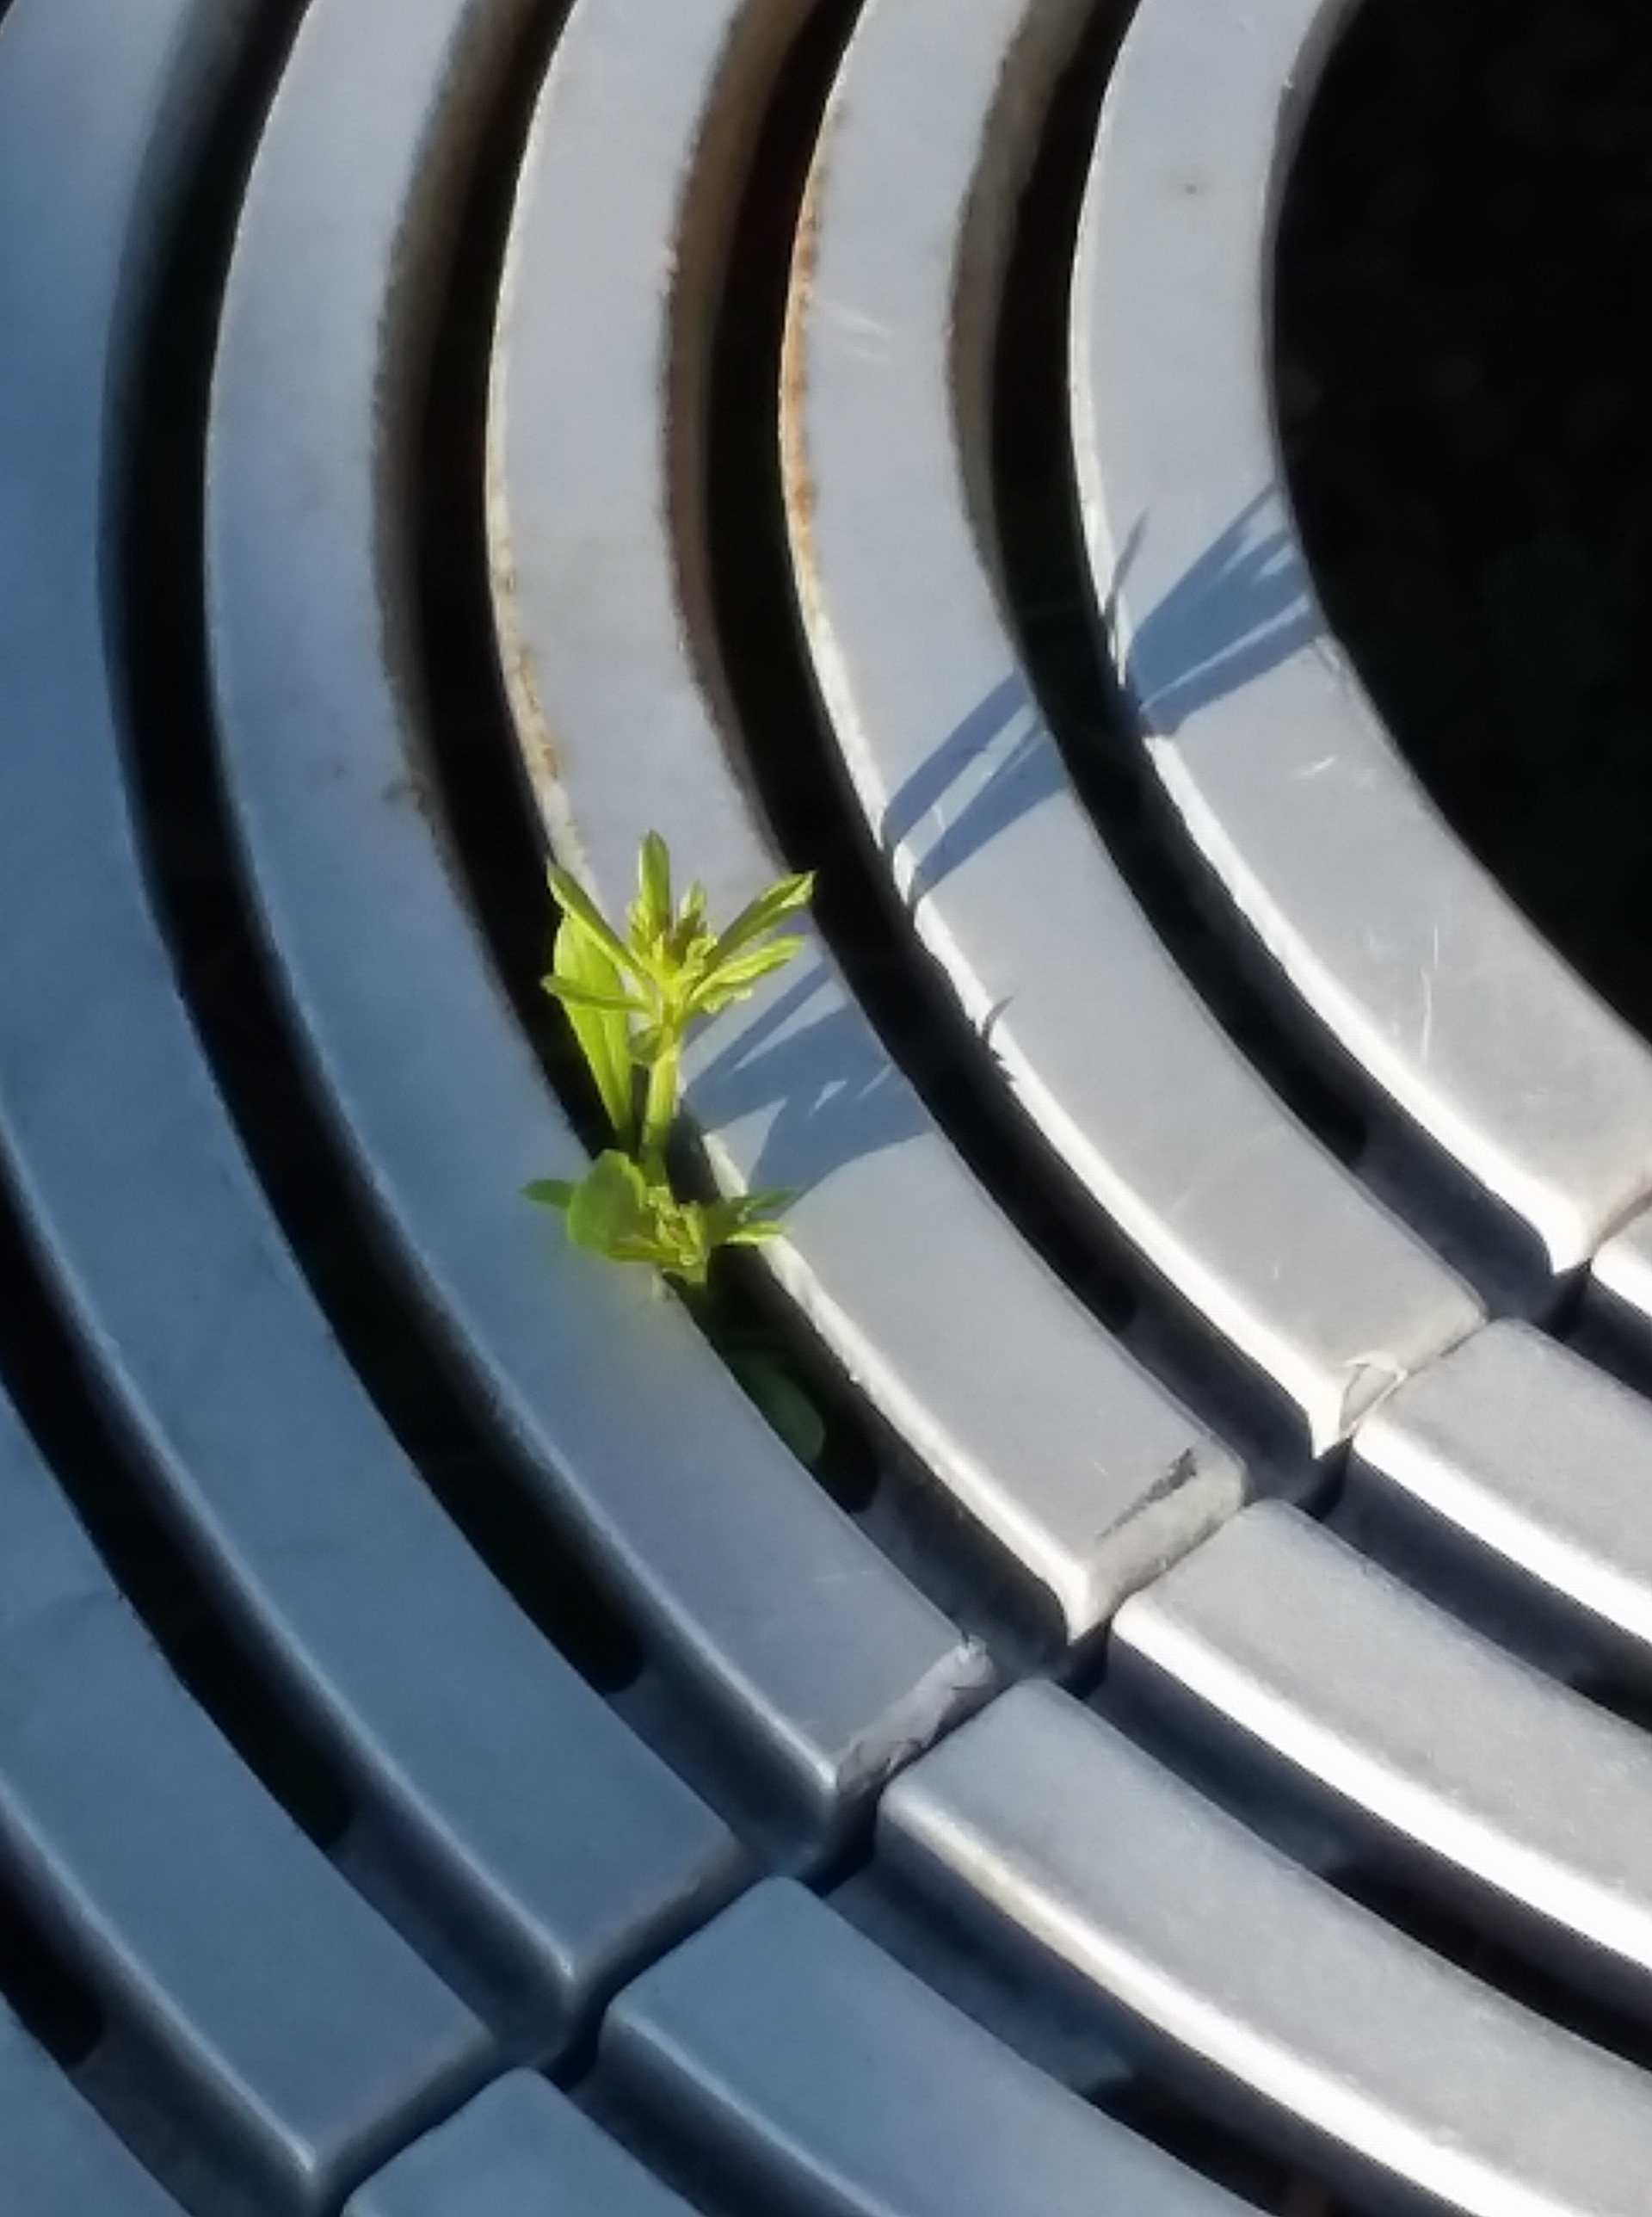 brave little plant